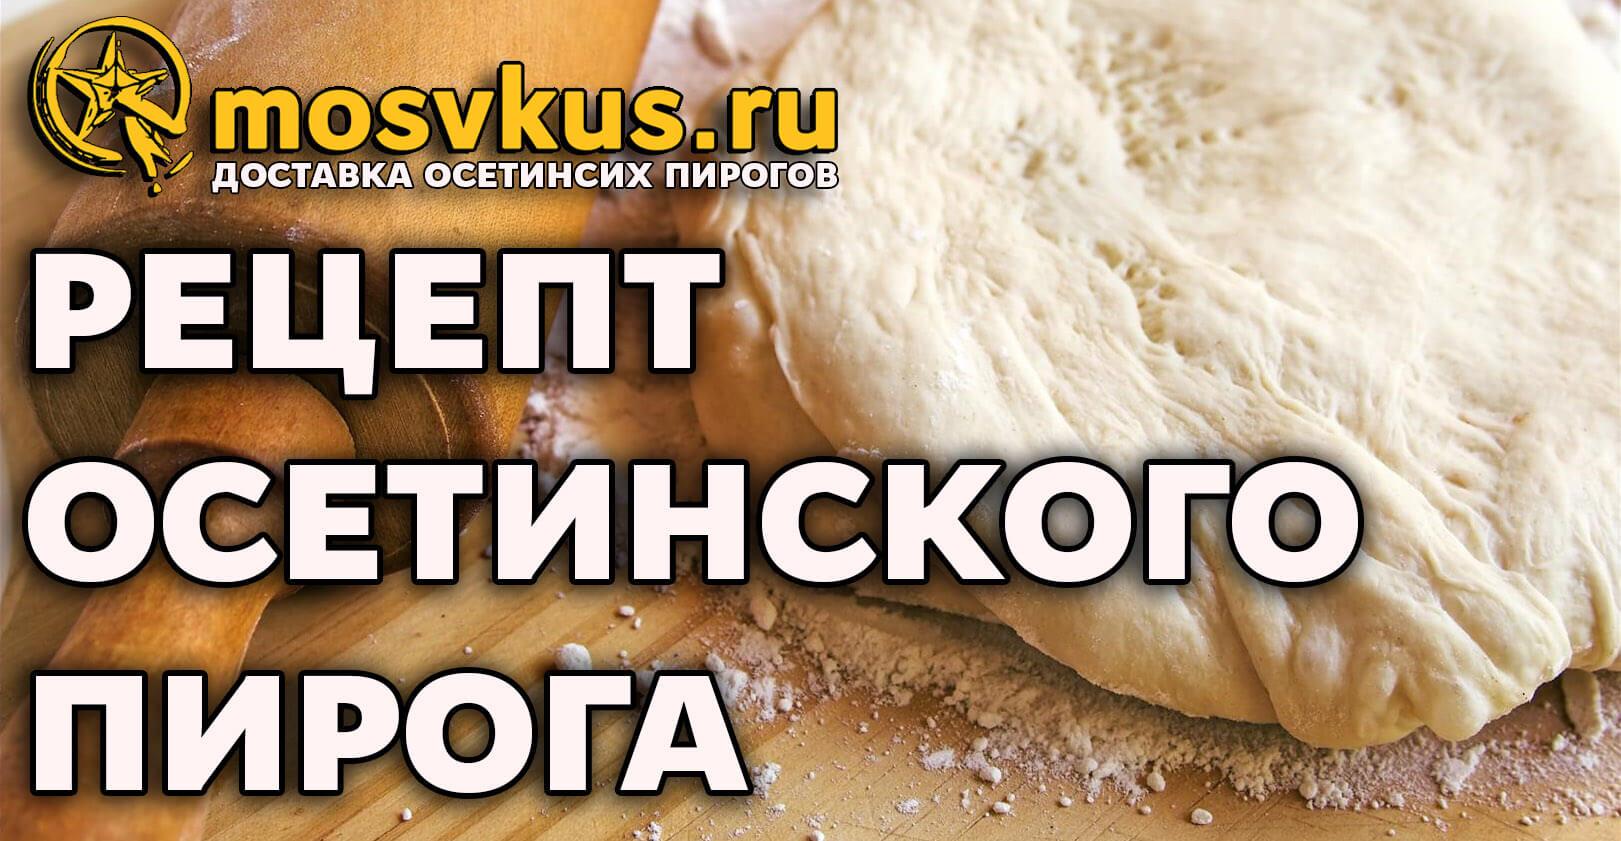 пошаговый рецепт осетинского пирога